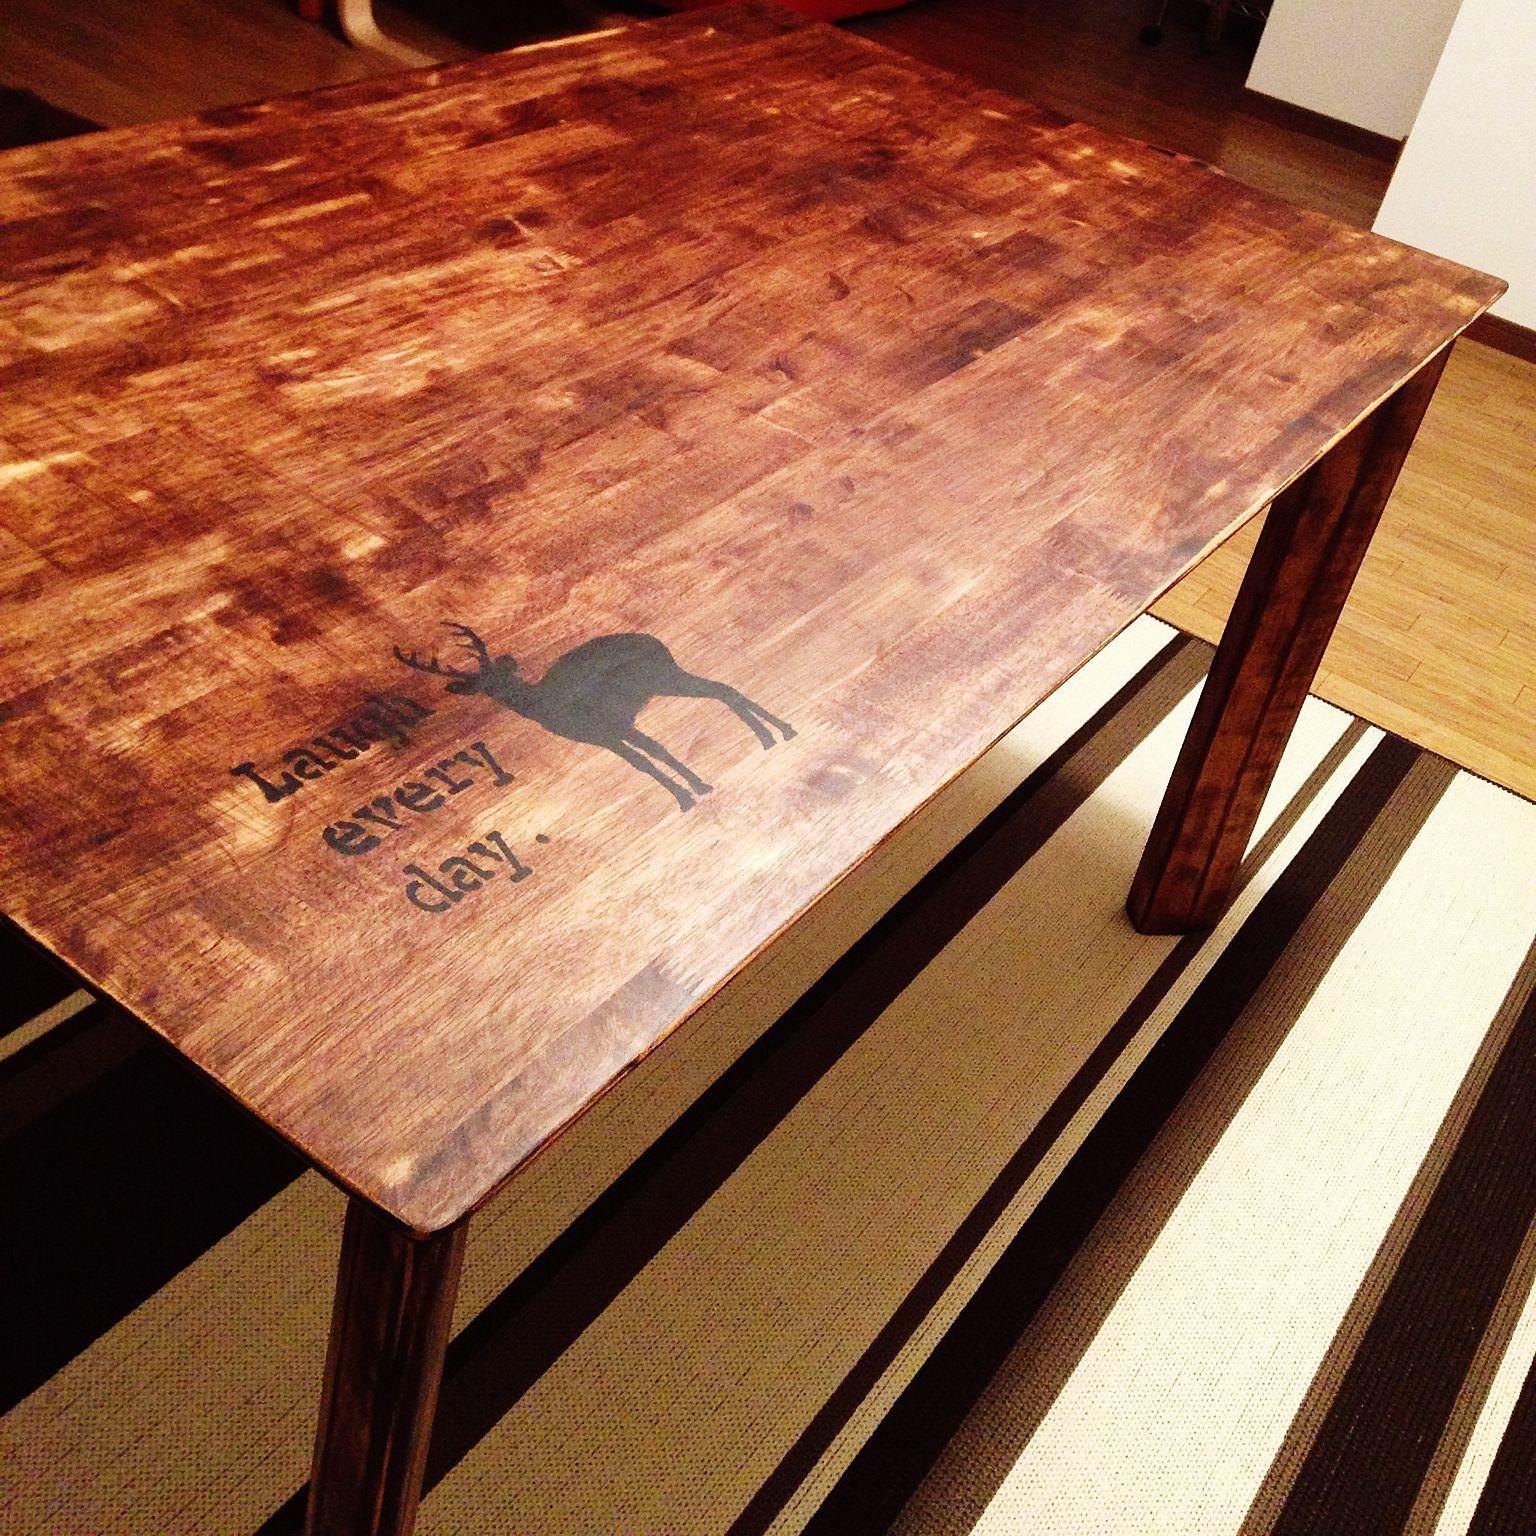 塗り替え サンダー塗装剥がし などのインテリア実例 2015 05 29 23 男性で 1ldkの塗り替え サンダー塗装 剥がし ステンシル Diy テーブル テーブル Diy 塗装 テーブル Diy テーブル